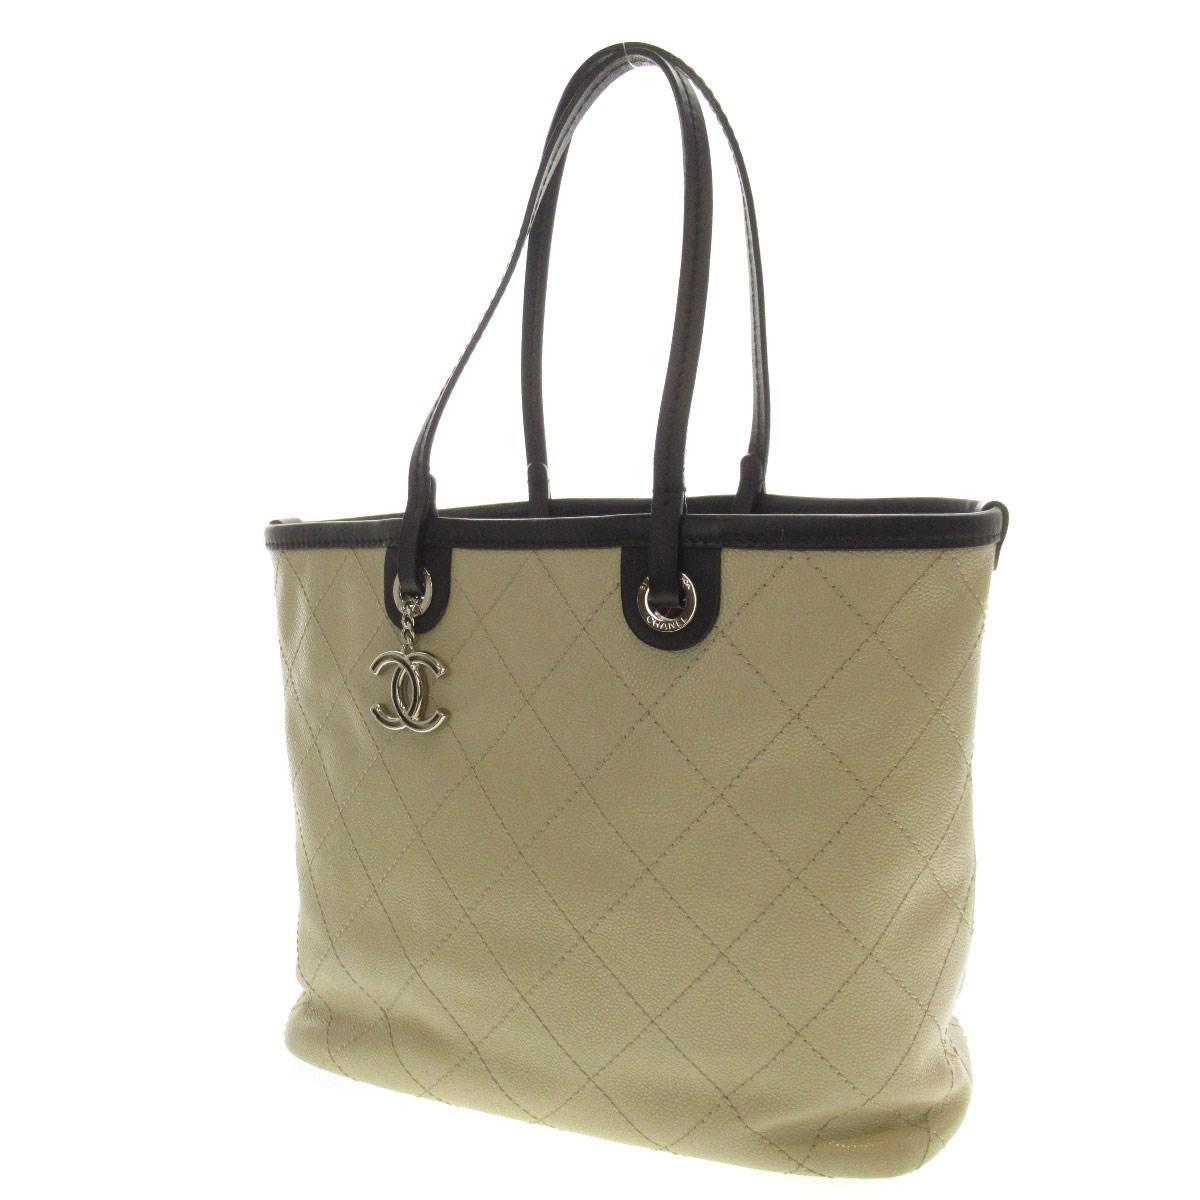 fcbf99e671a2 Lyst - Chanel Caviar Skin Tote Bag Coco Mark in Natural